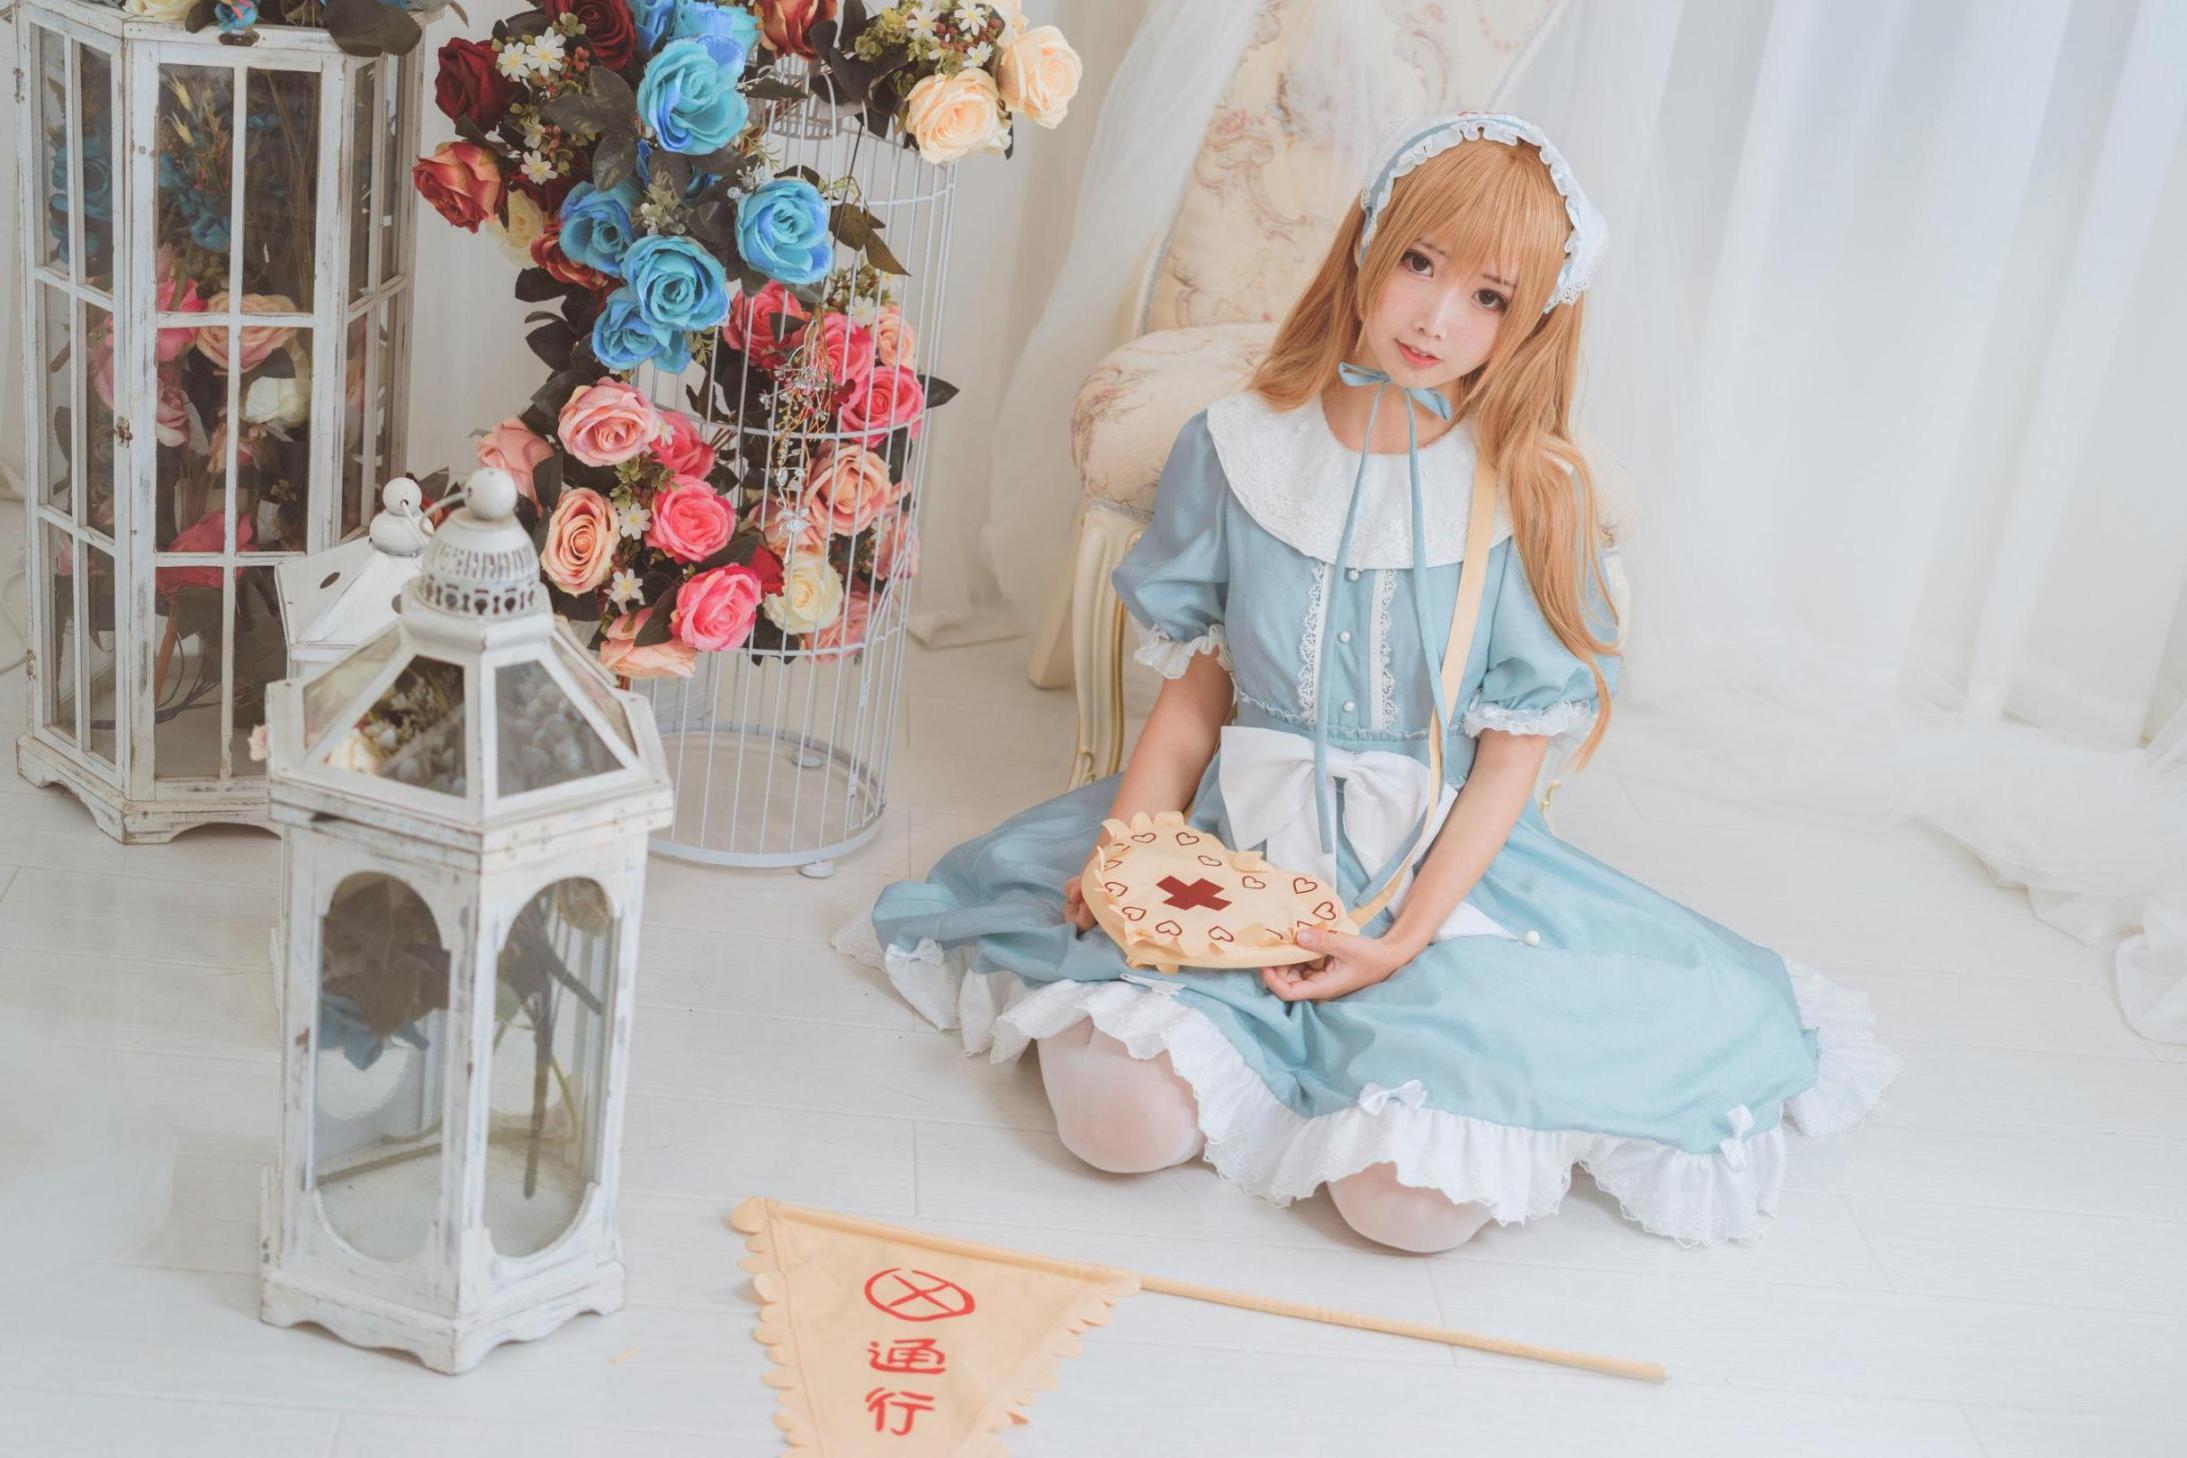 [网络美女] 面饼仙儿 血小板lolita 高清写真套图